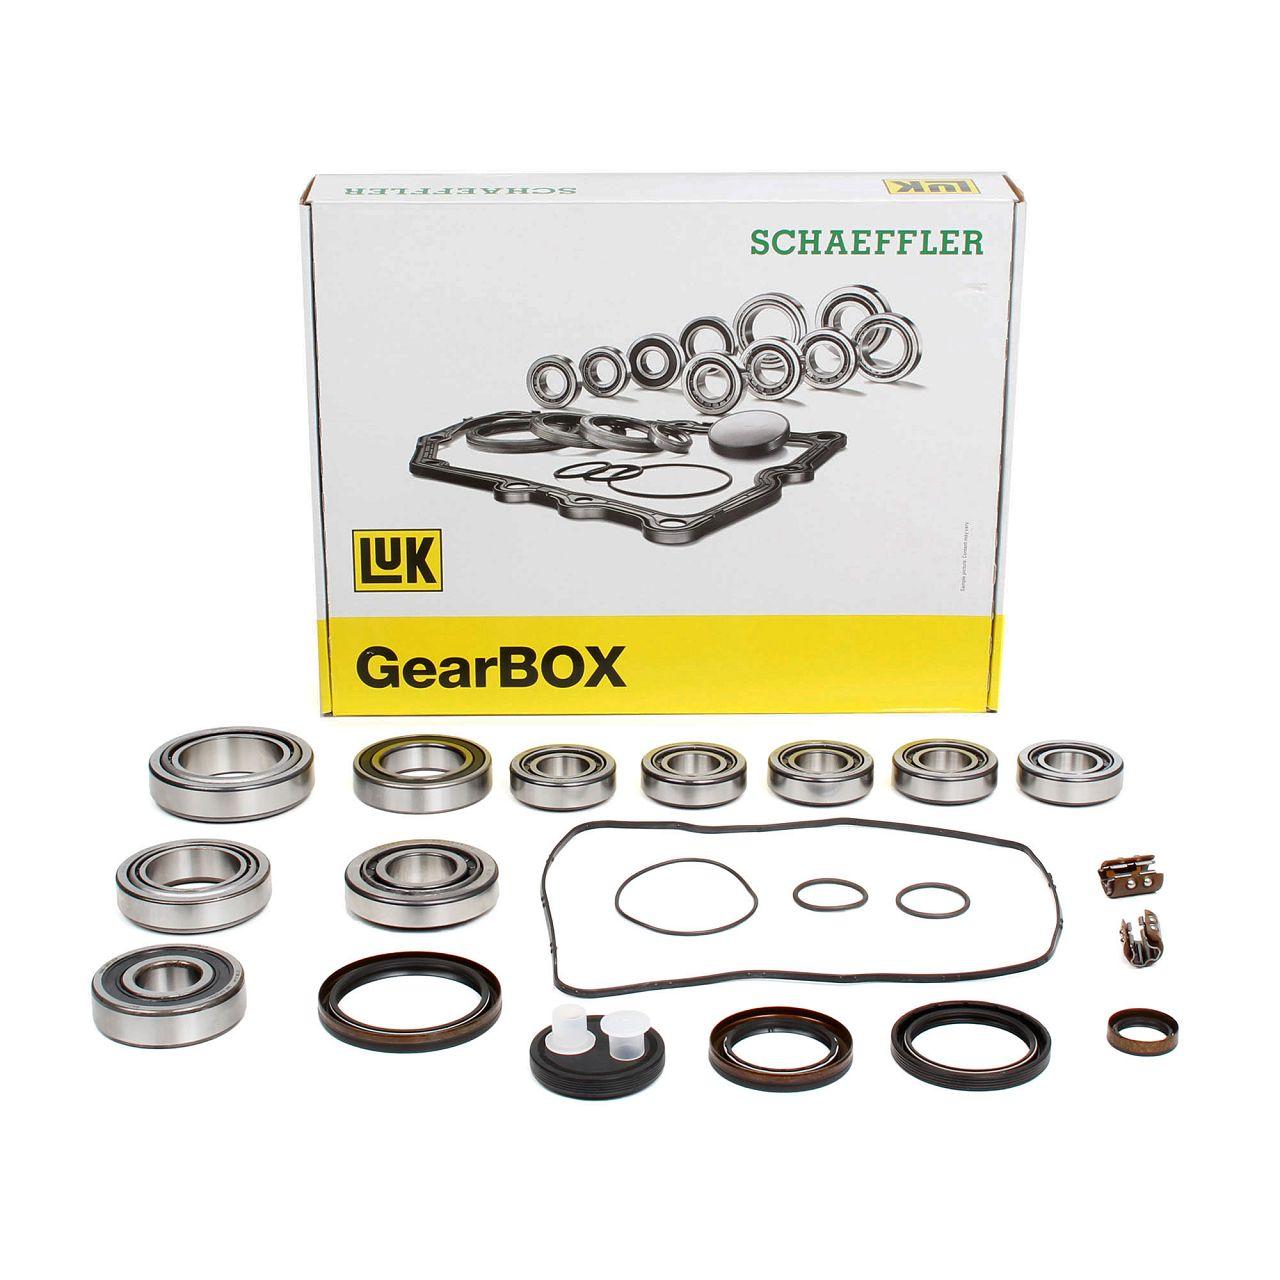 LUK 462005710 GEARBOX Reparatursatz 7-Gang 0AM DQ200 DSG für AUDI SEAT SKODA VW